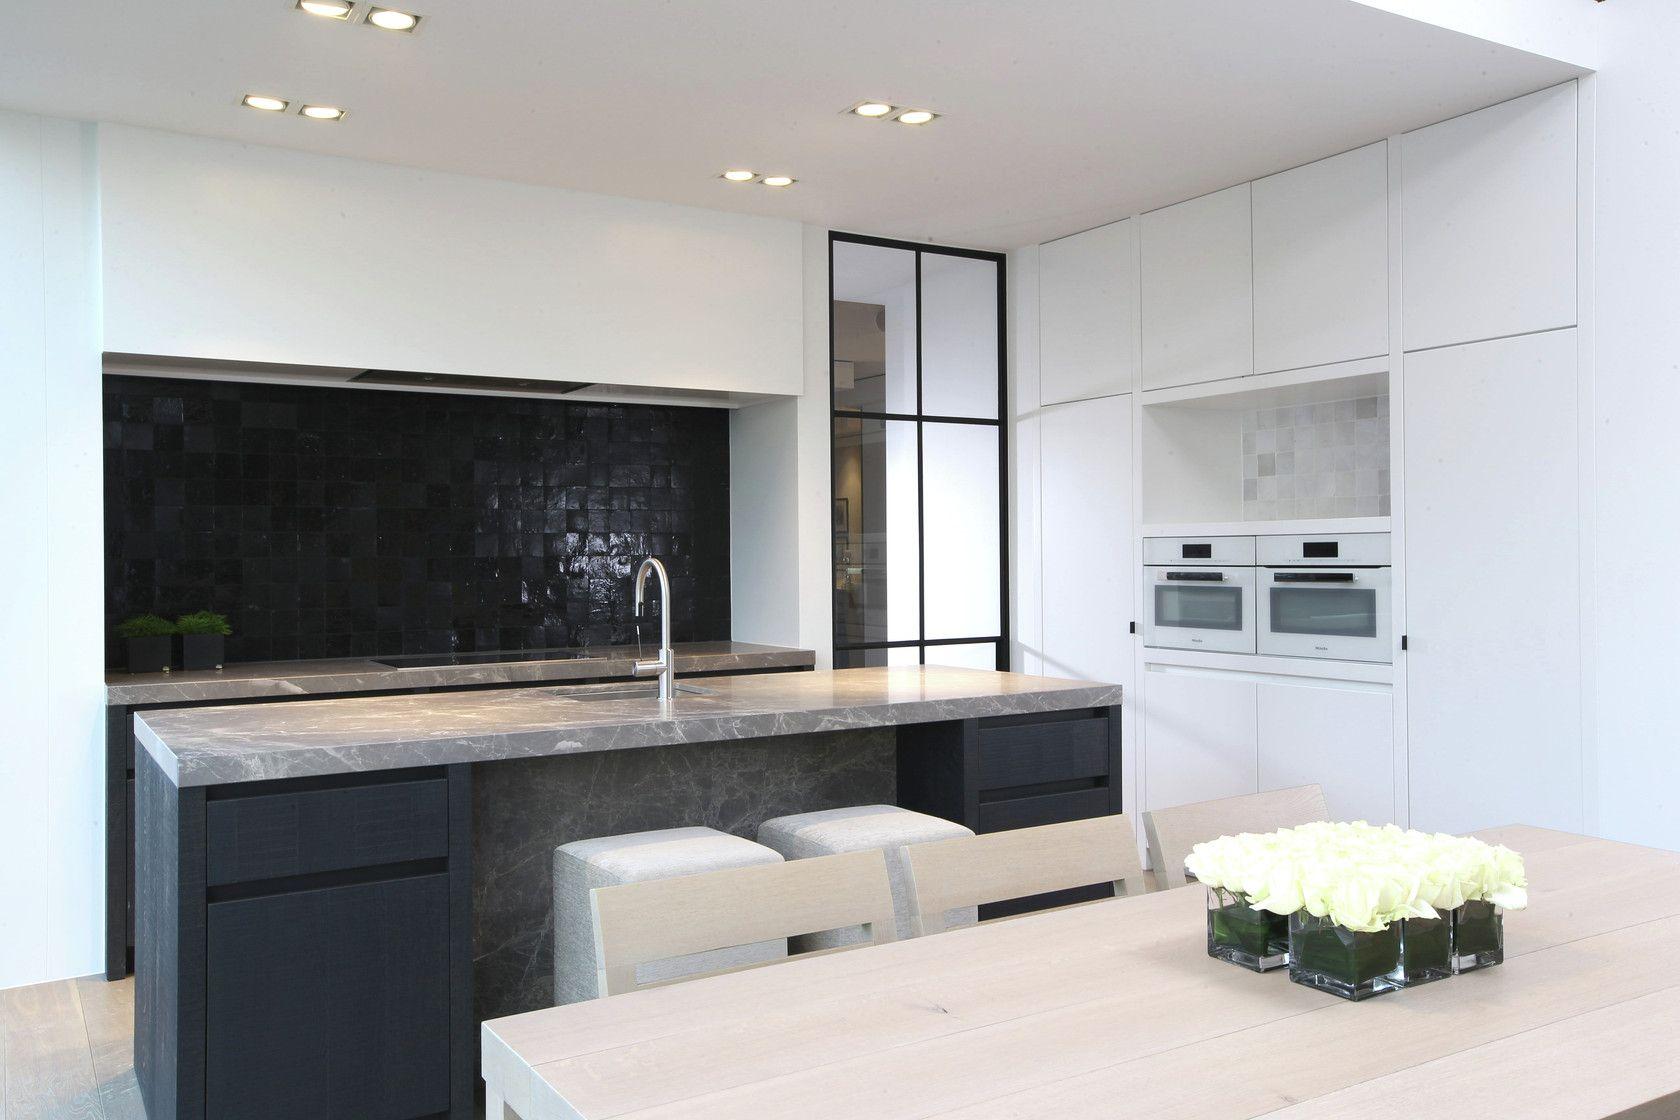 Trybou keuken keukens interieur maatwerk betrouwbare keukens goedkope keukens goedkope - Decoratie design keuken ...